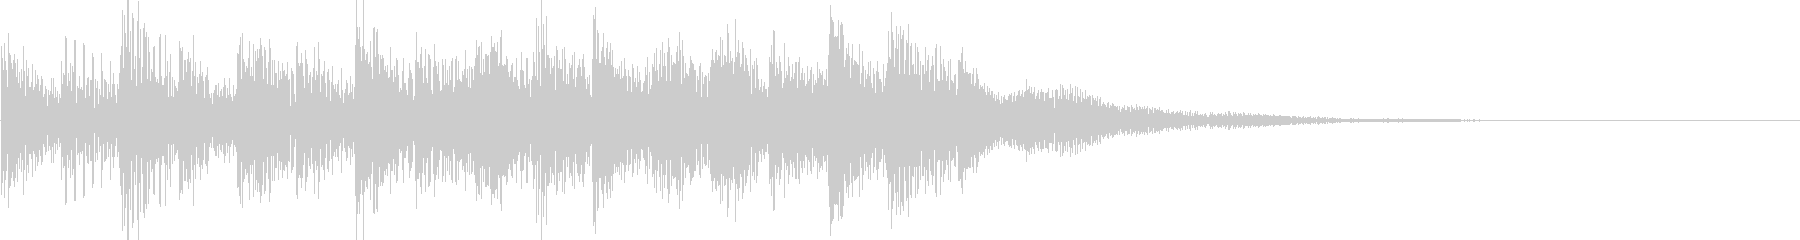 レベルアップ/回復音/場面転換の未再生の波形